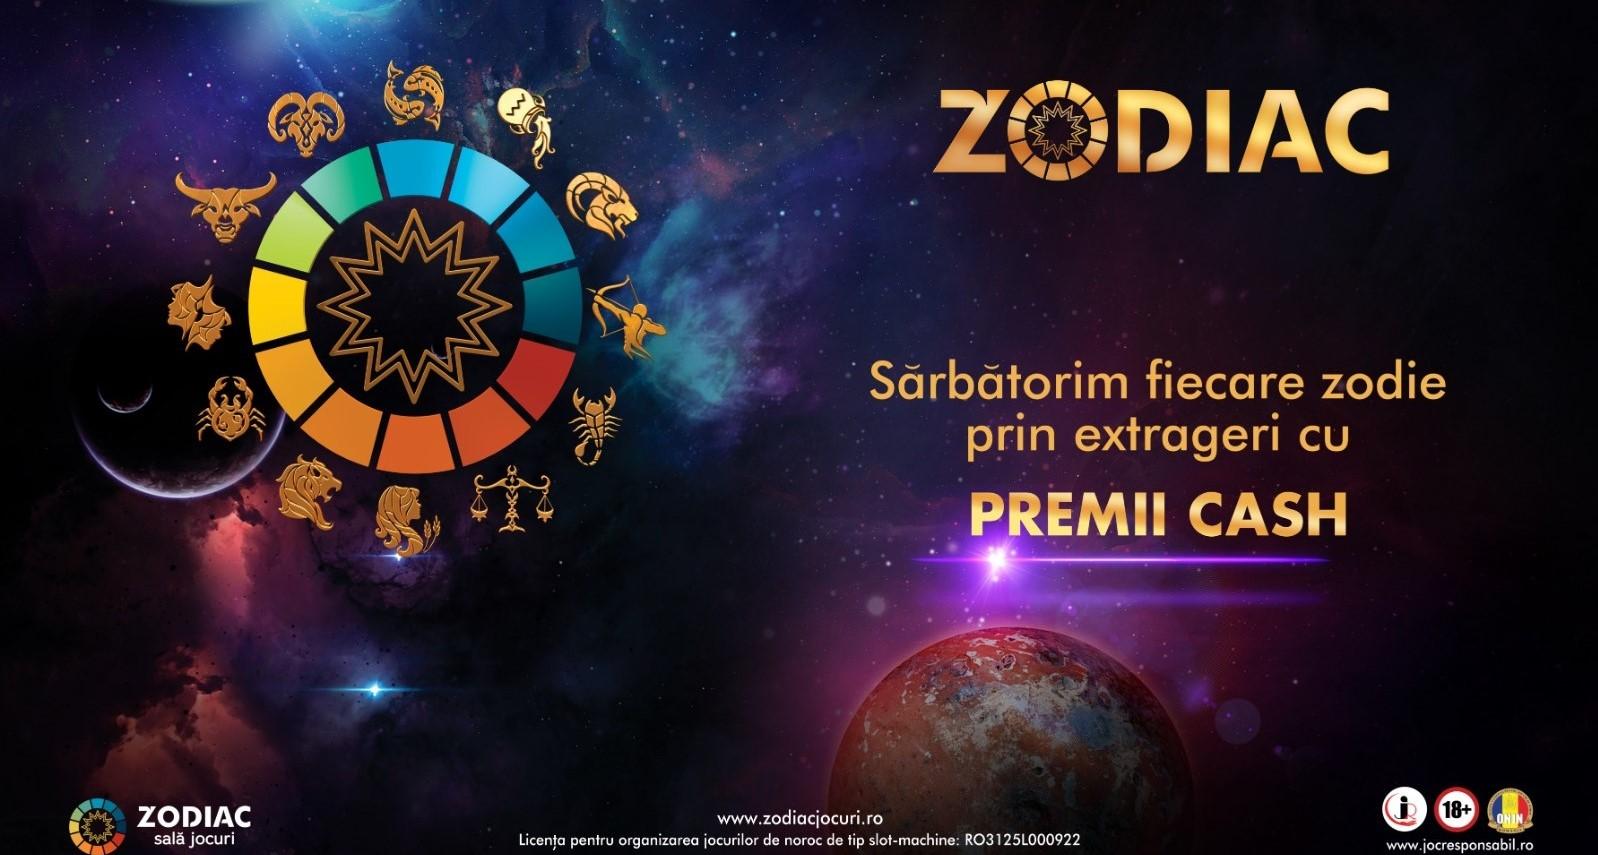 Campania promoțională Zodiac